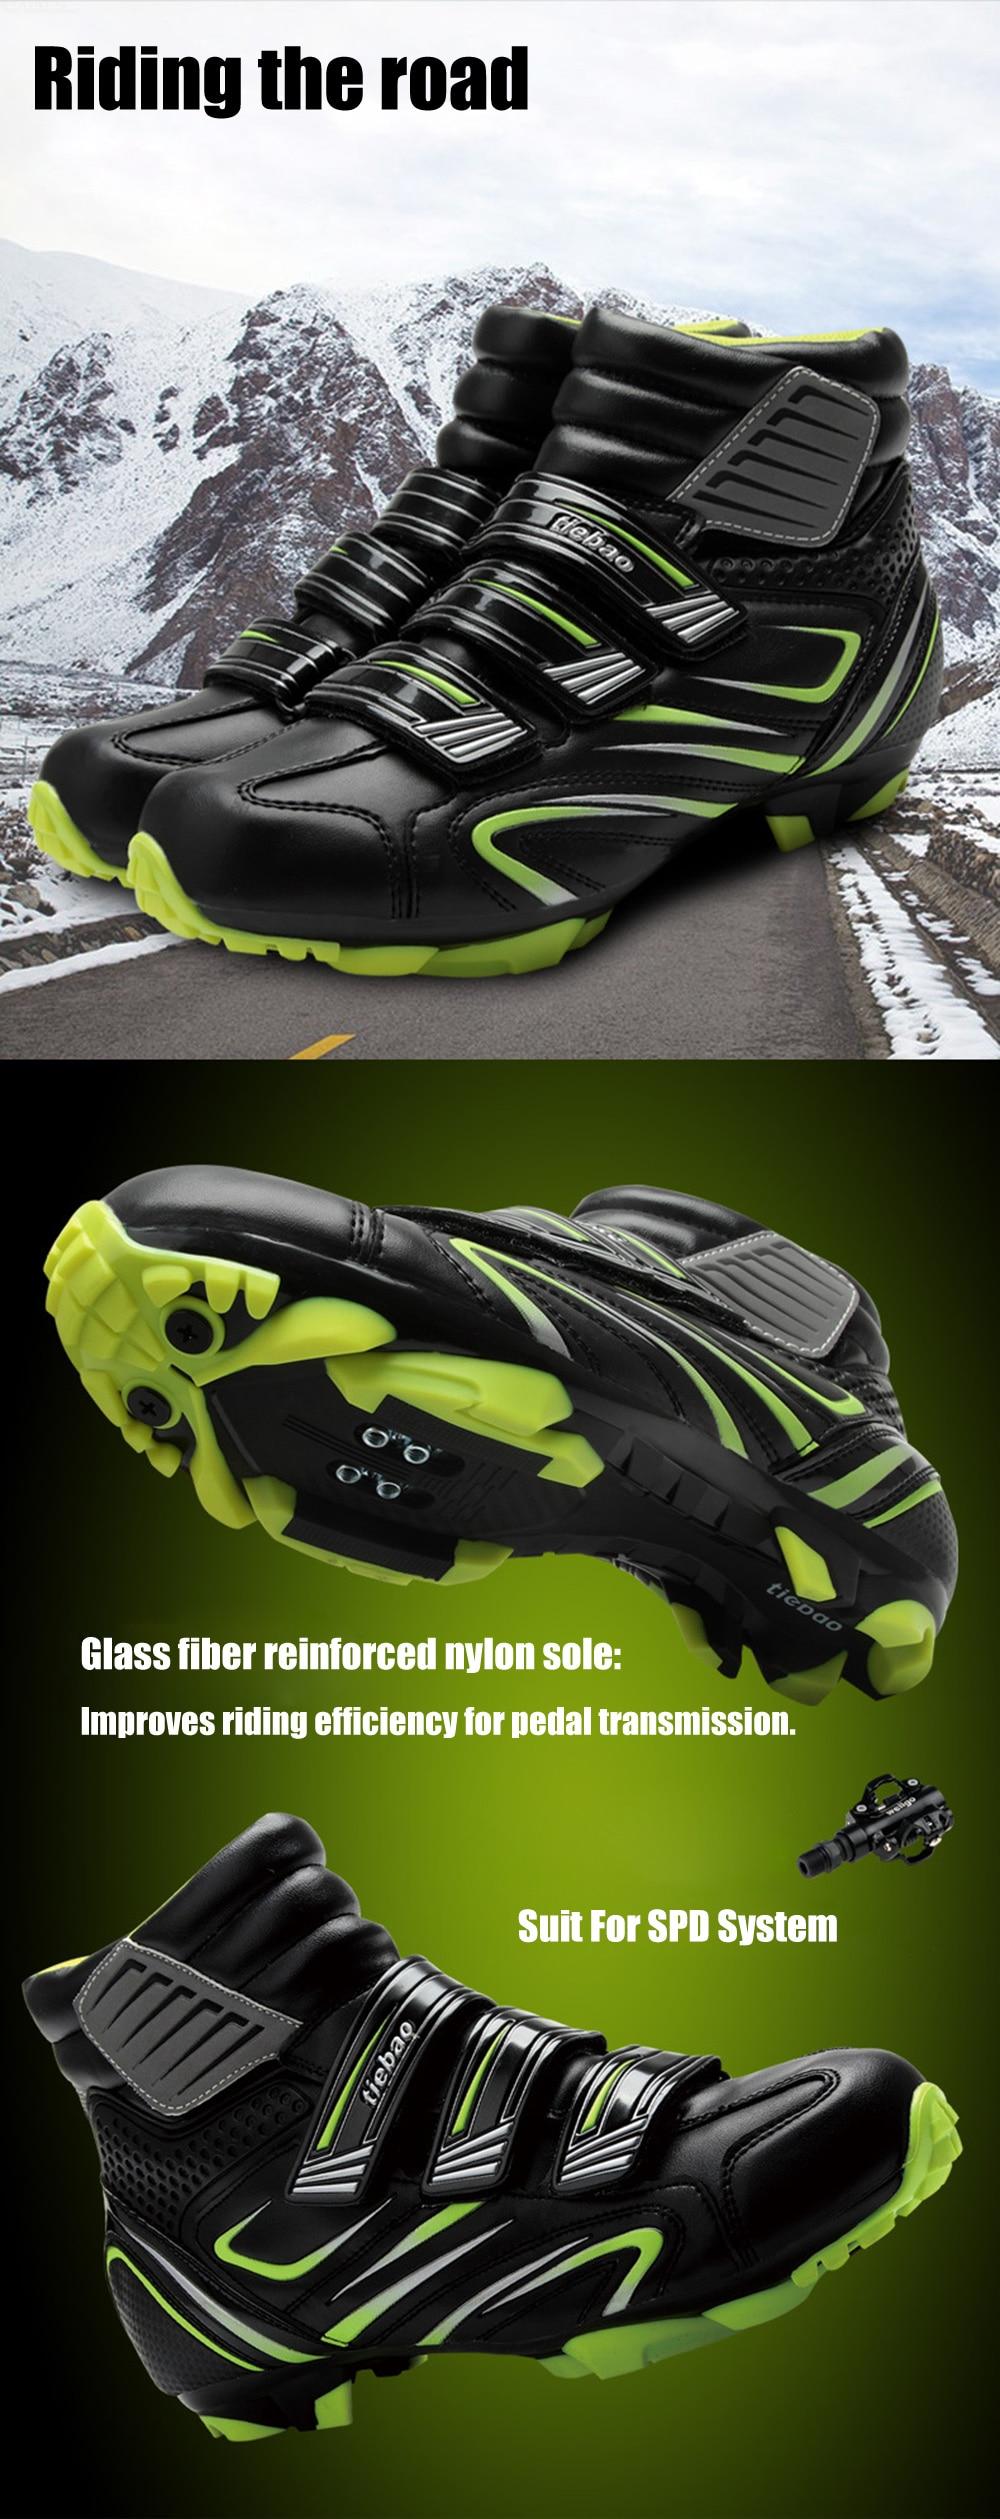 Tiebao ciclismo sapatos de inverno spd pedal